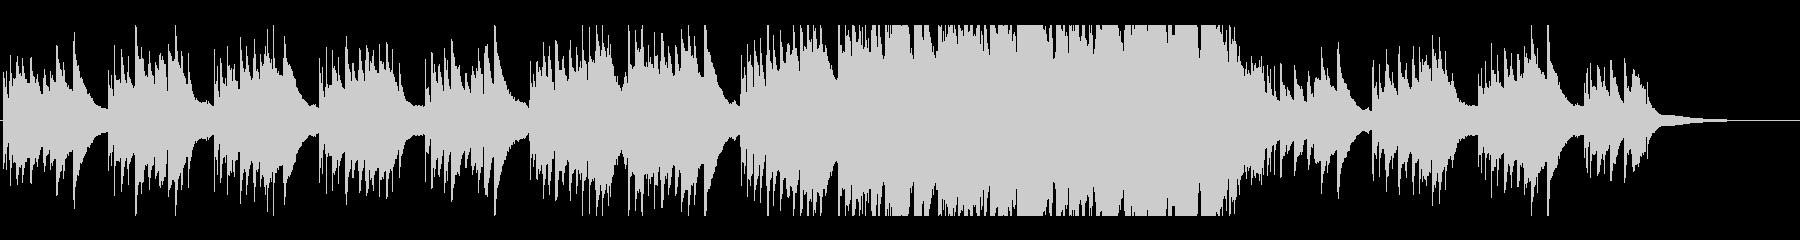 ノスタルジックなbgm 3の未再生の波形